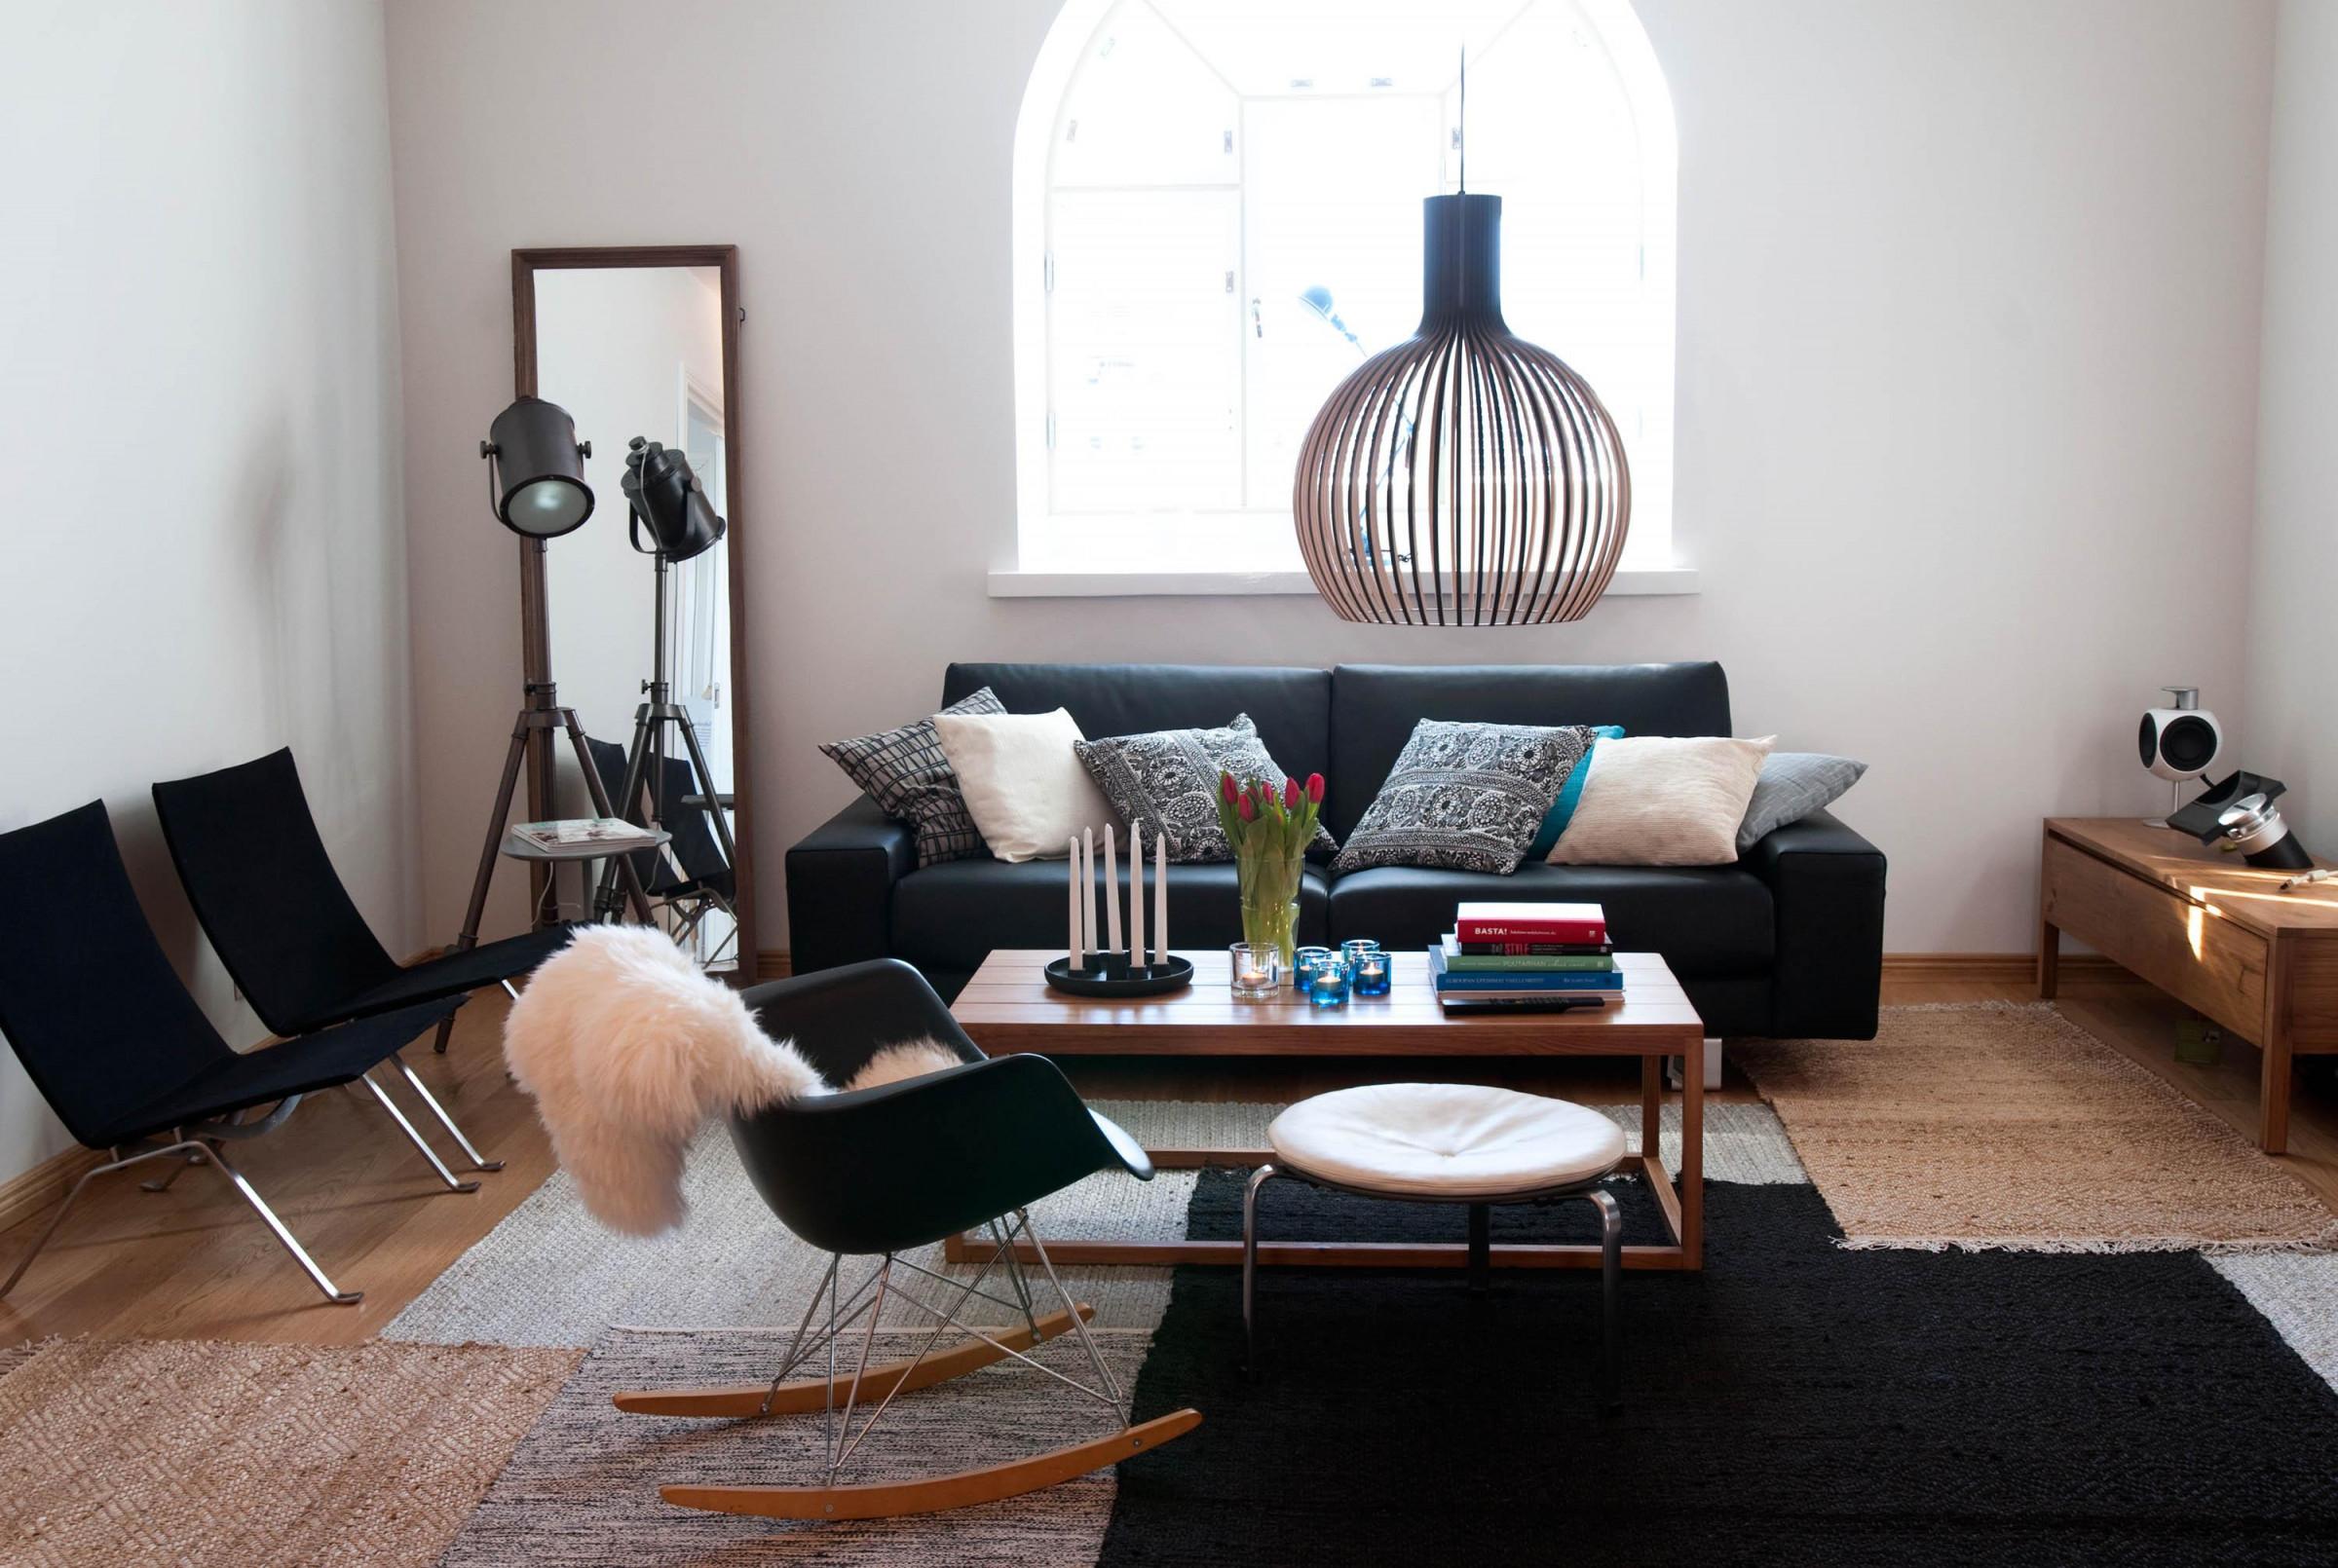 Sessel In Schwarz Couchtisch Hocker Teppich Sess von Wohnzimmer Lampe Über Couchtisch Photo